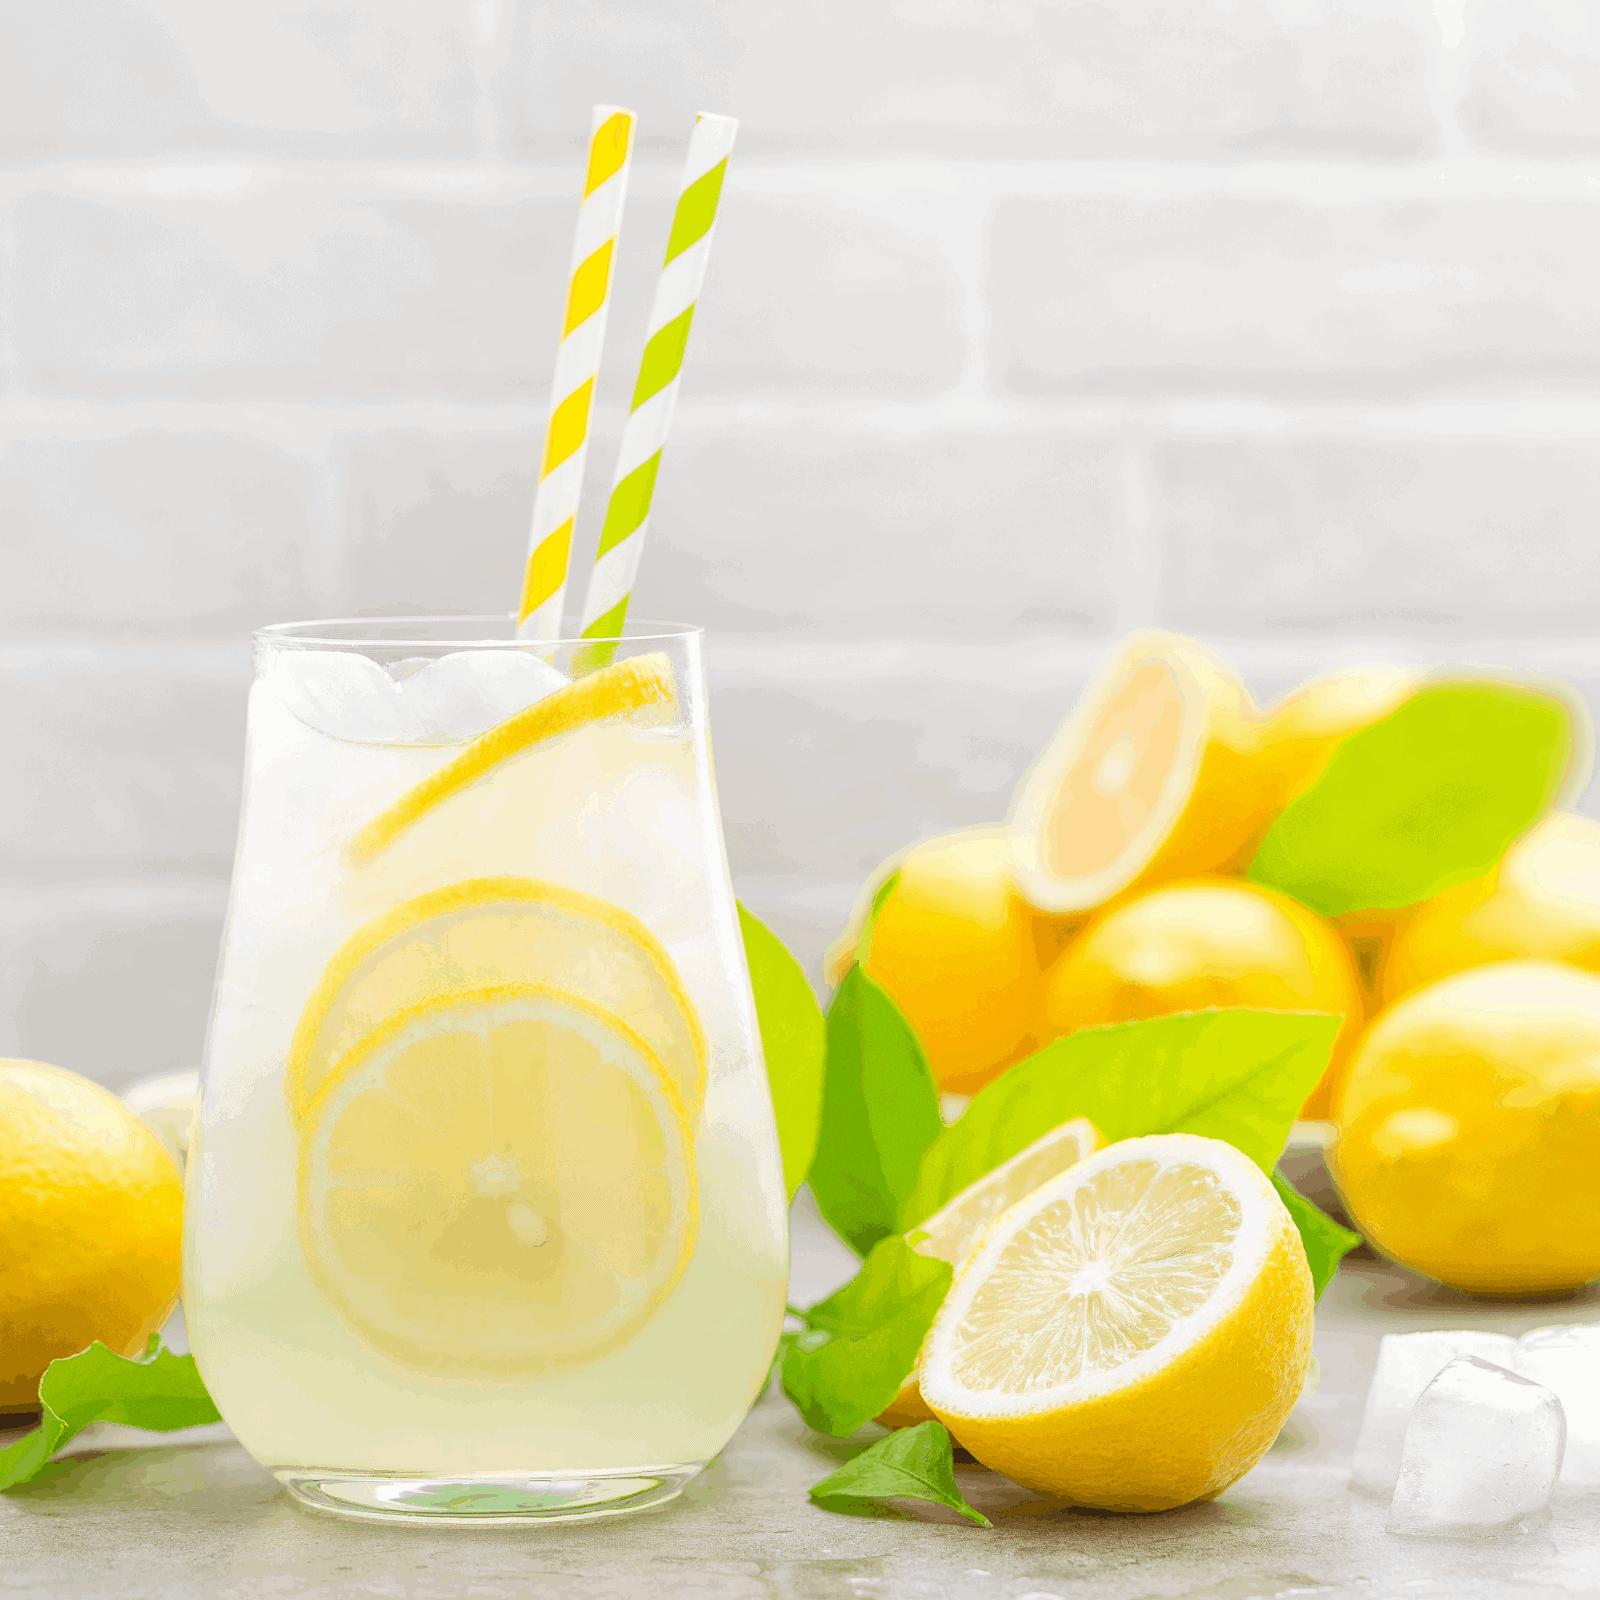 NTE Podcast: Making Lemonade Out Of Lemons